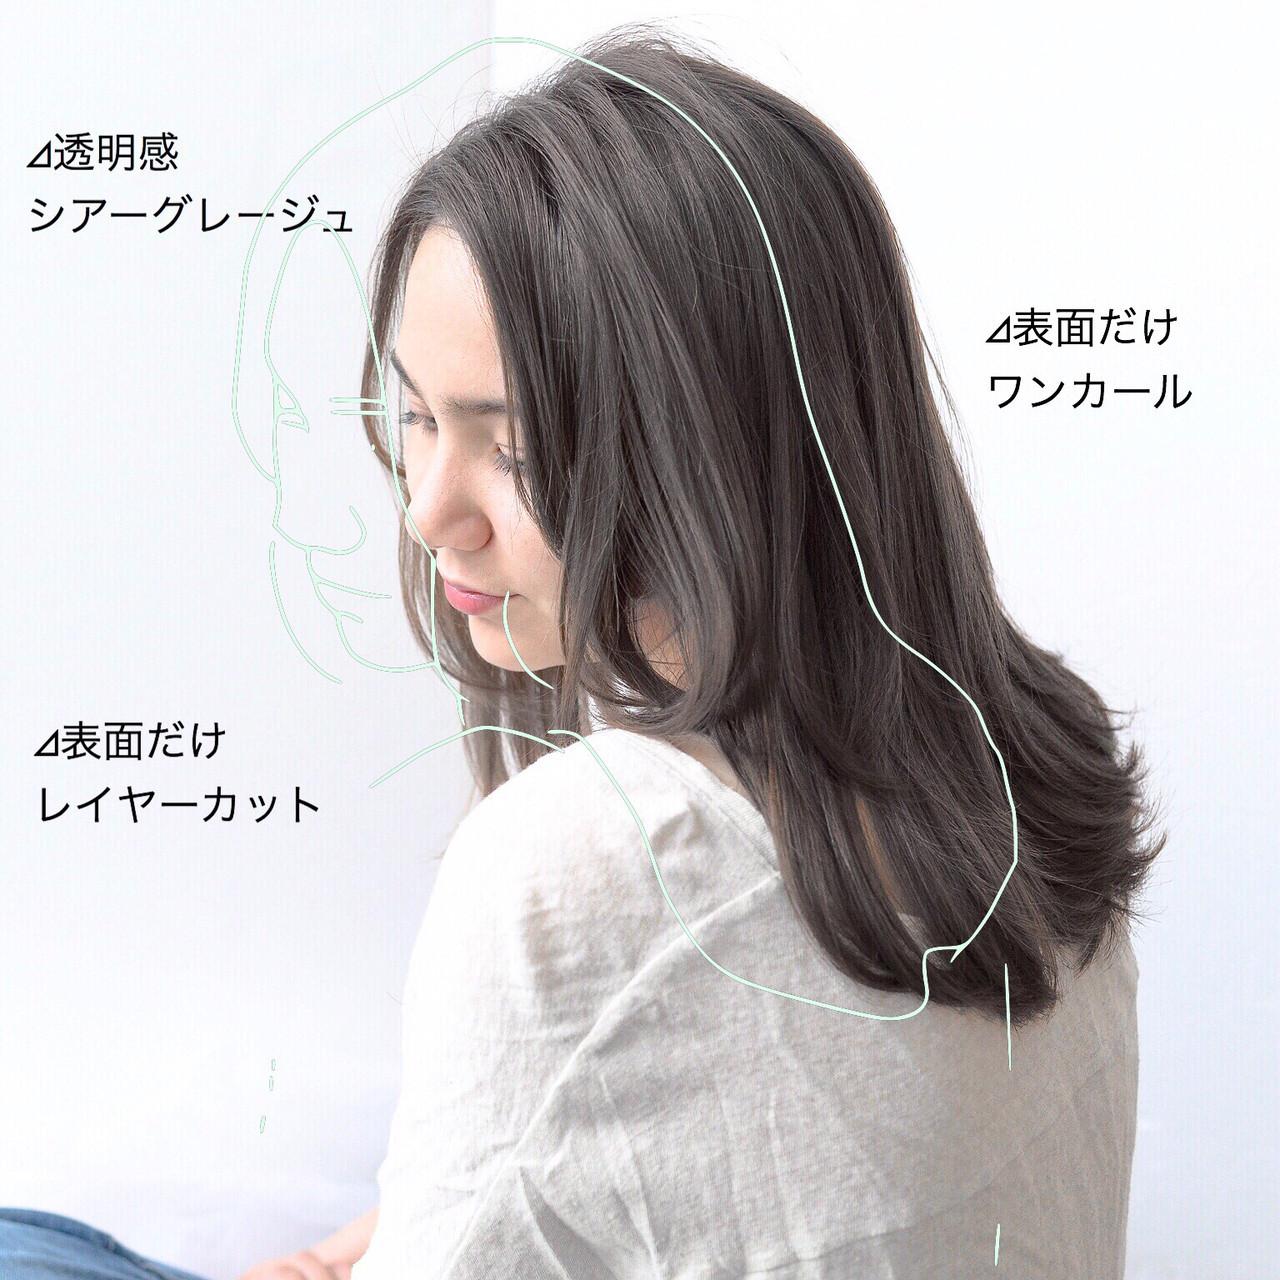 縮毛矯正 グレージュ セミロング ストレート ヘアスタイルや髪型の写真・画像